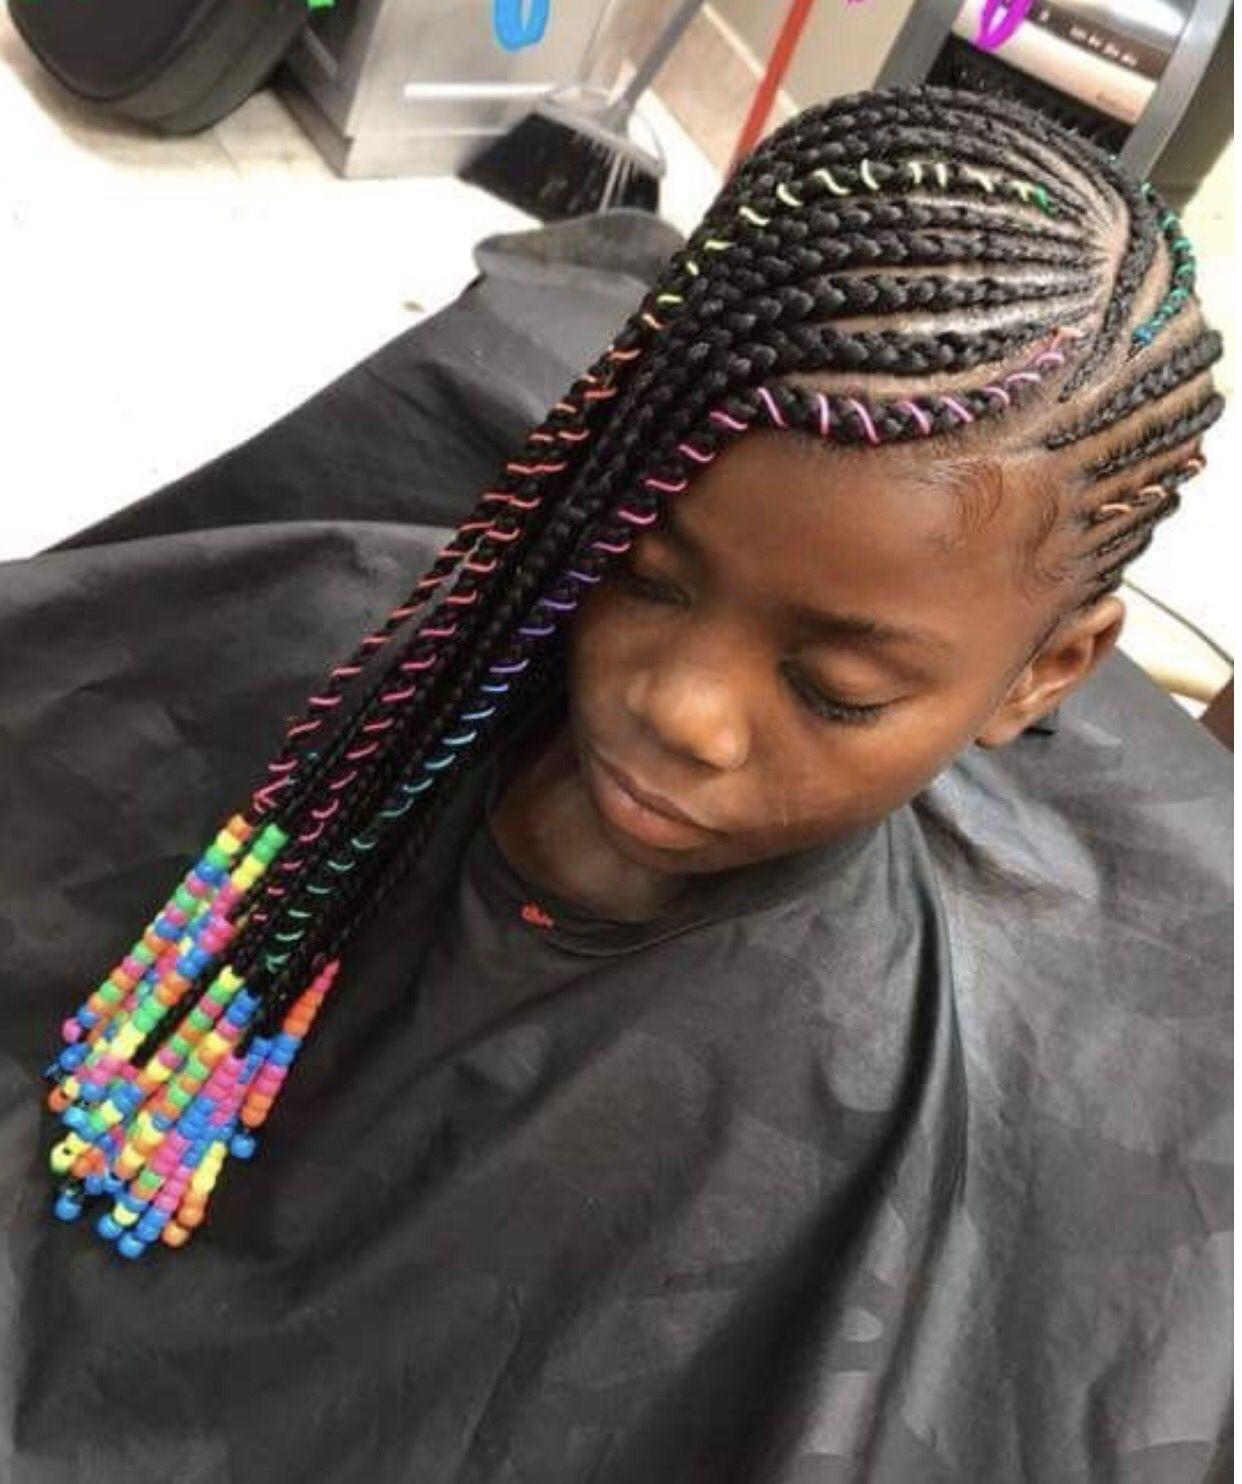 Kid braid styles, Kids hairstyles, Kids braided hairstyles